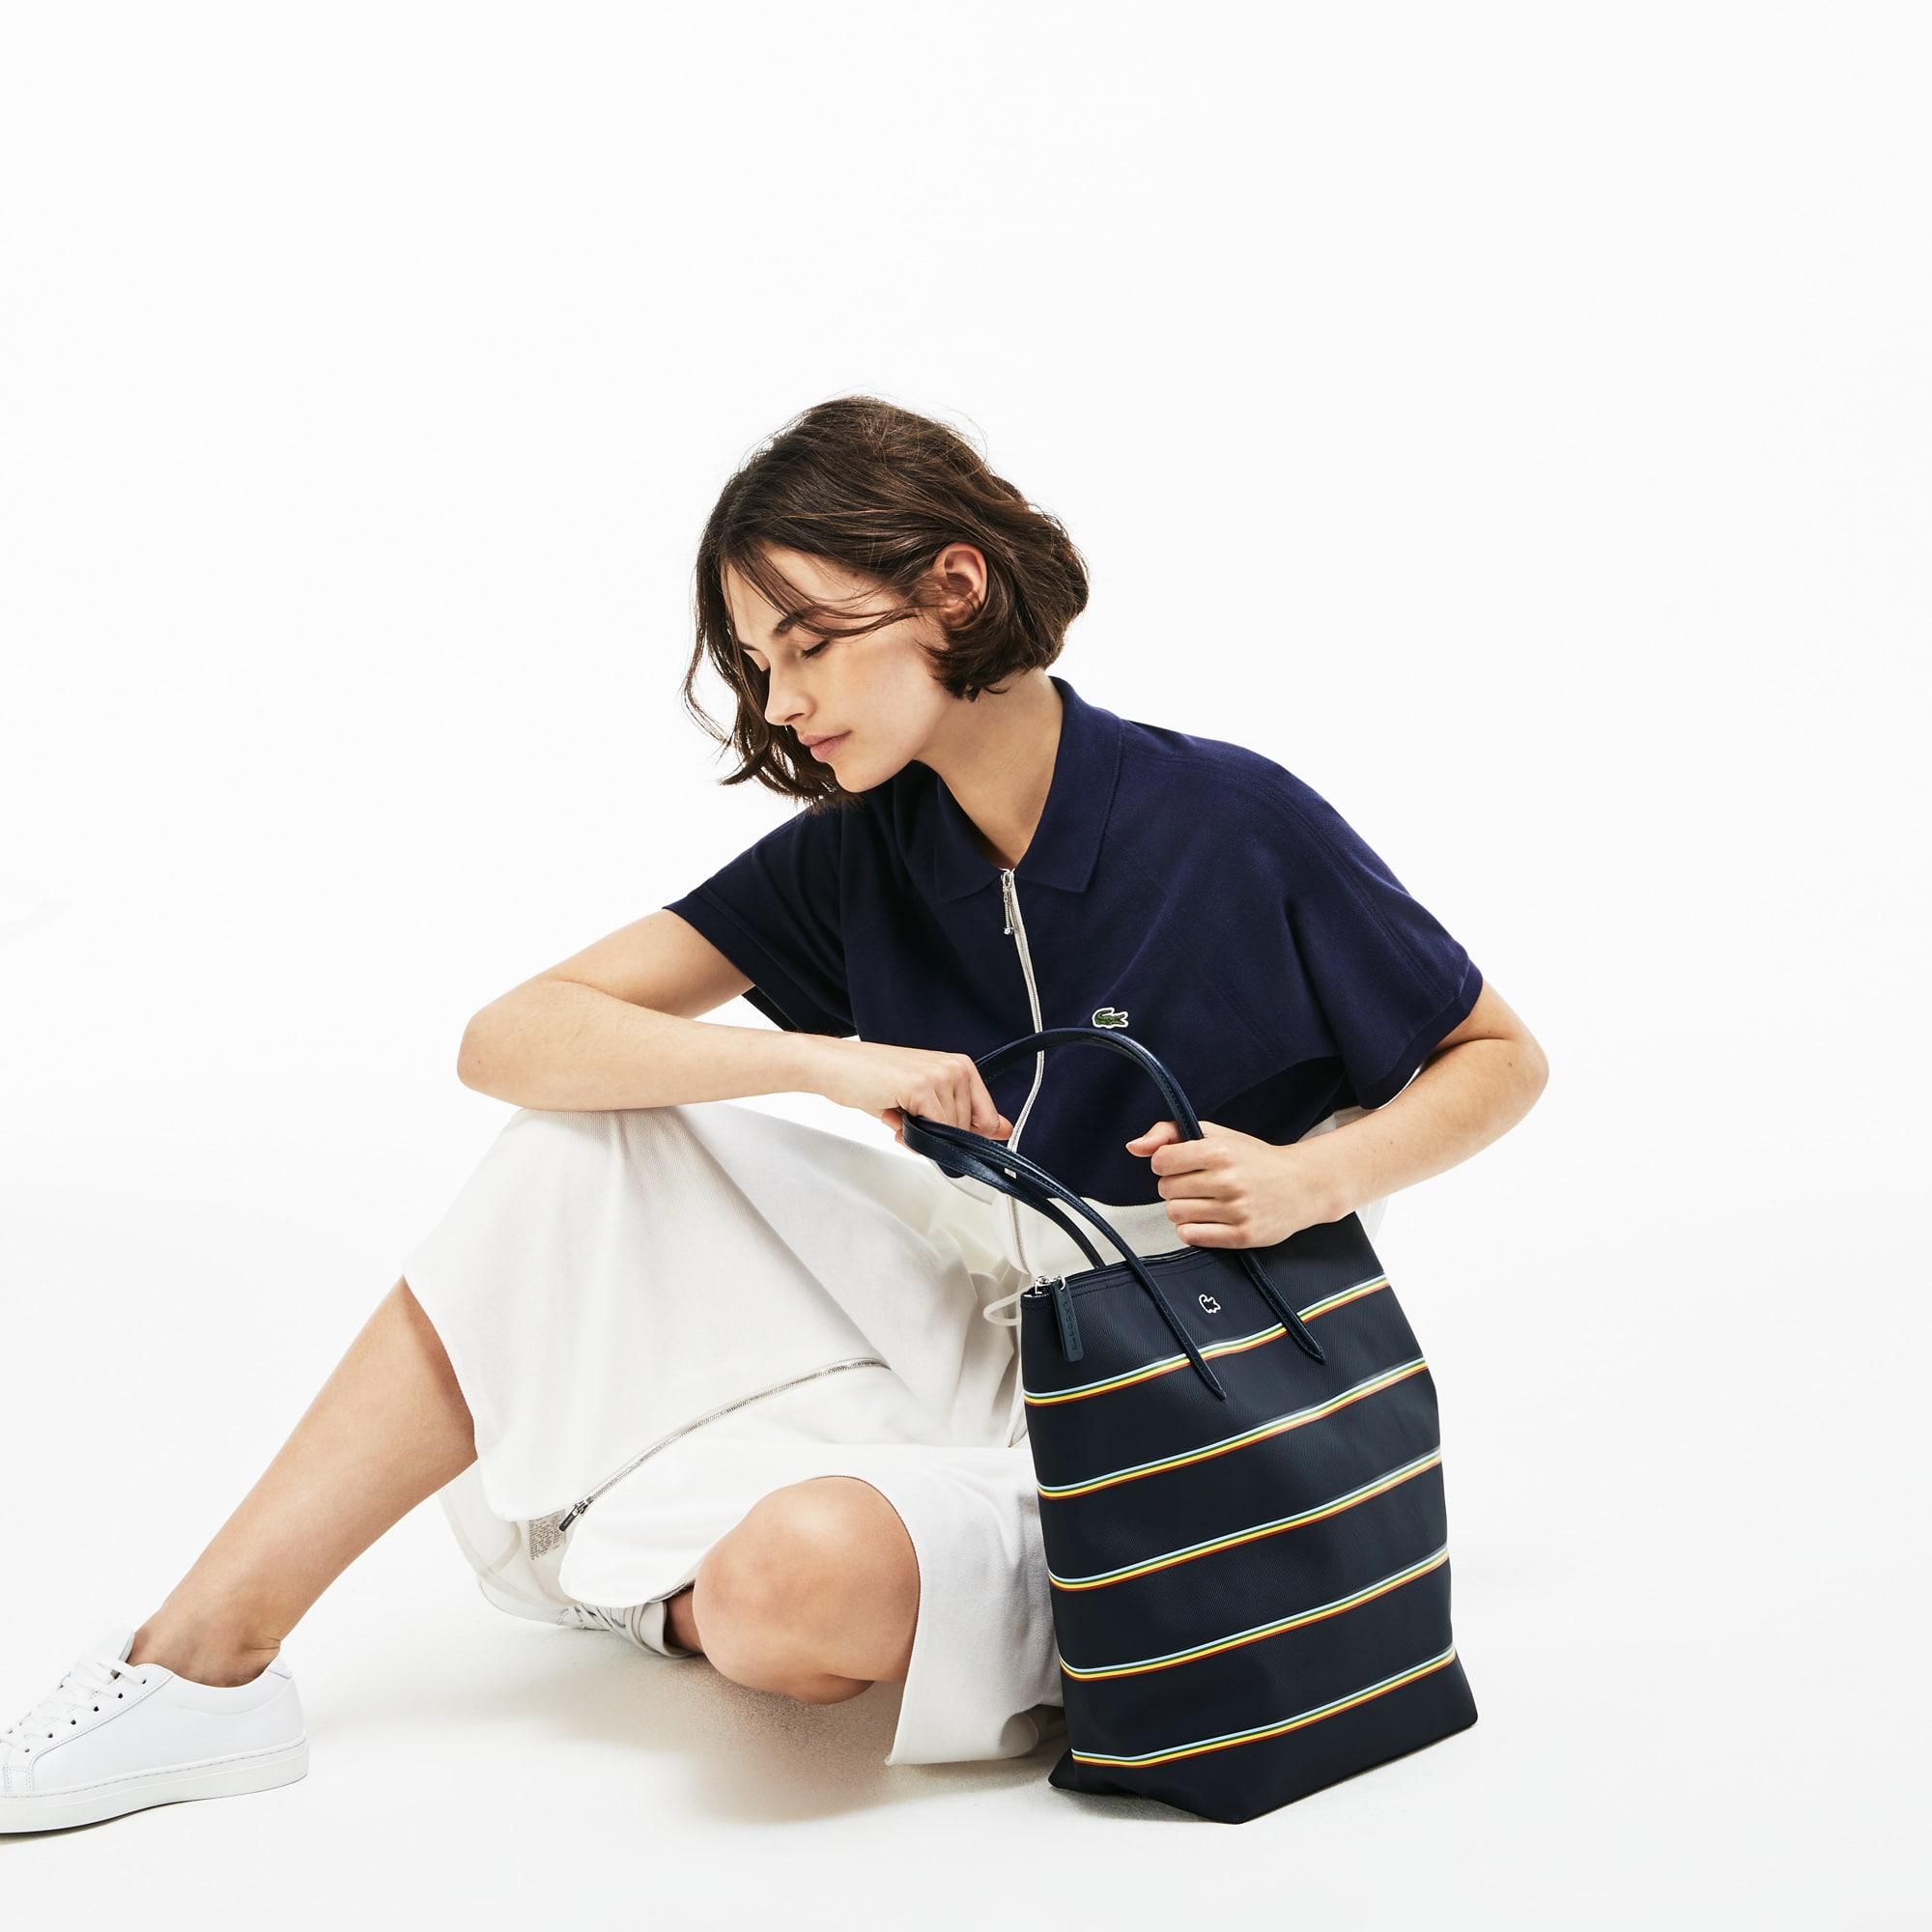 Shopping bag verticale con zip L.12.12 Concept a righe arcobaleno